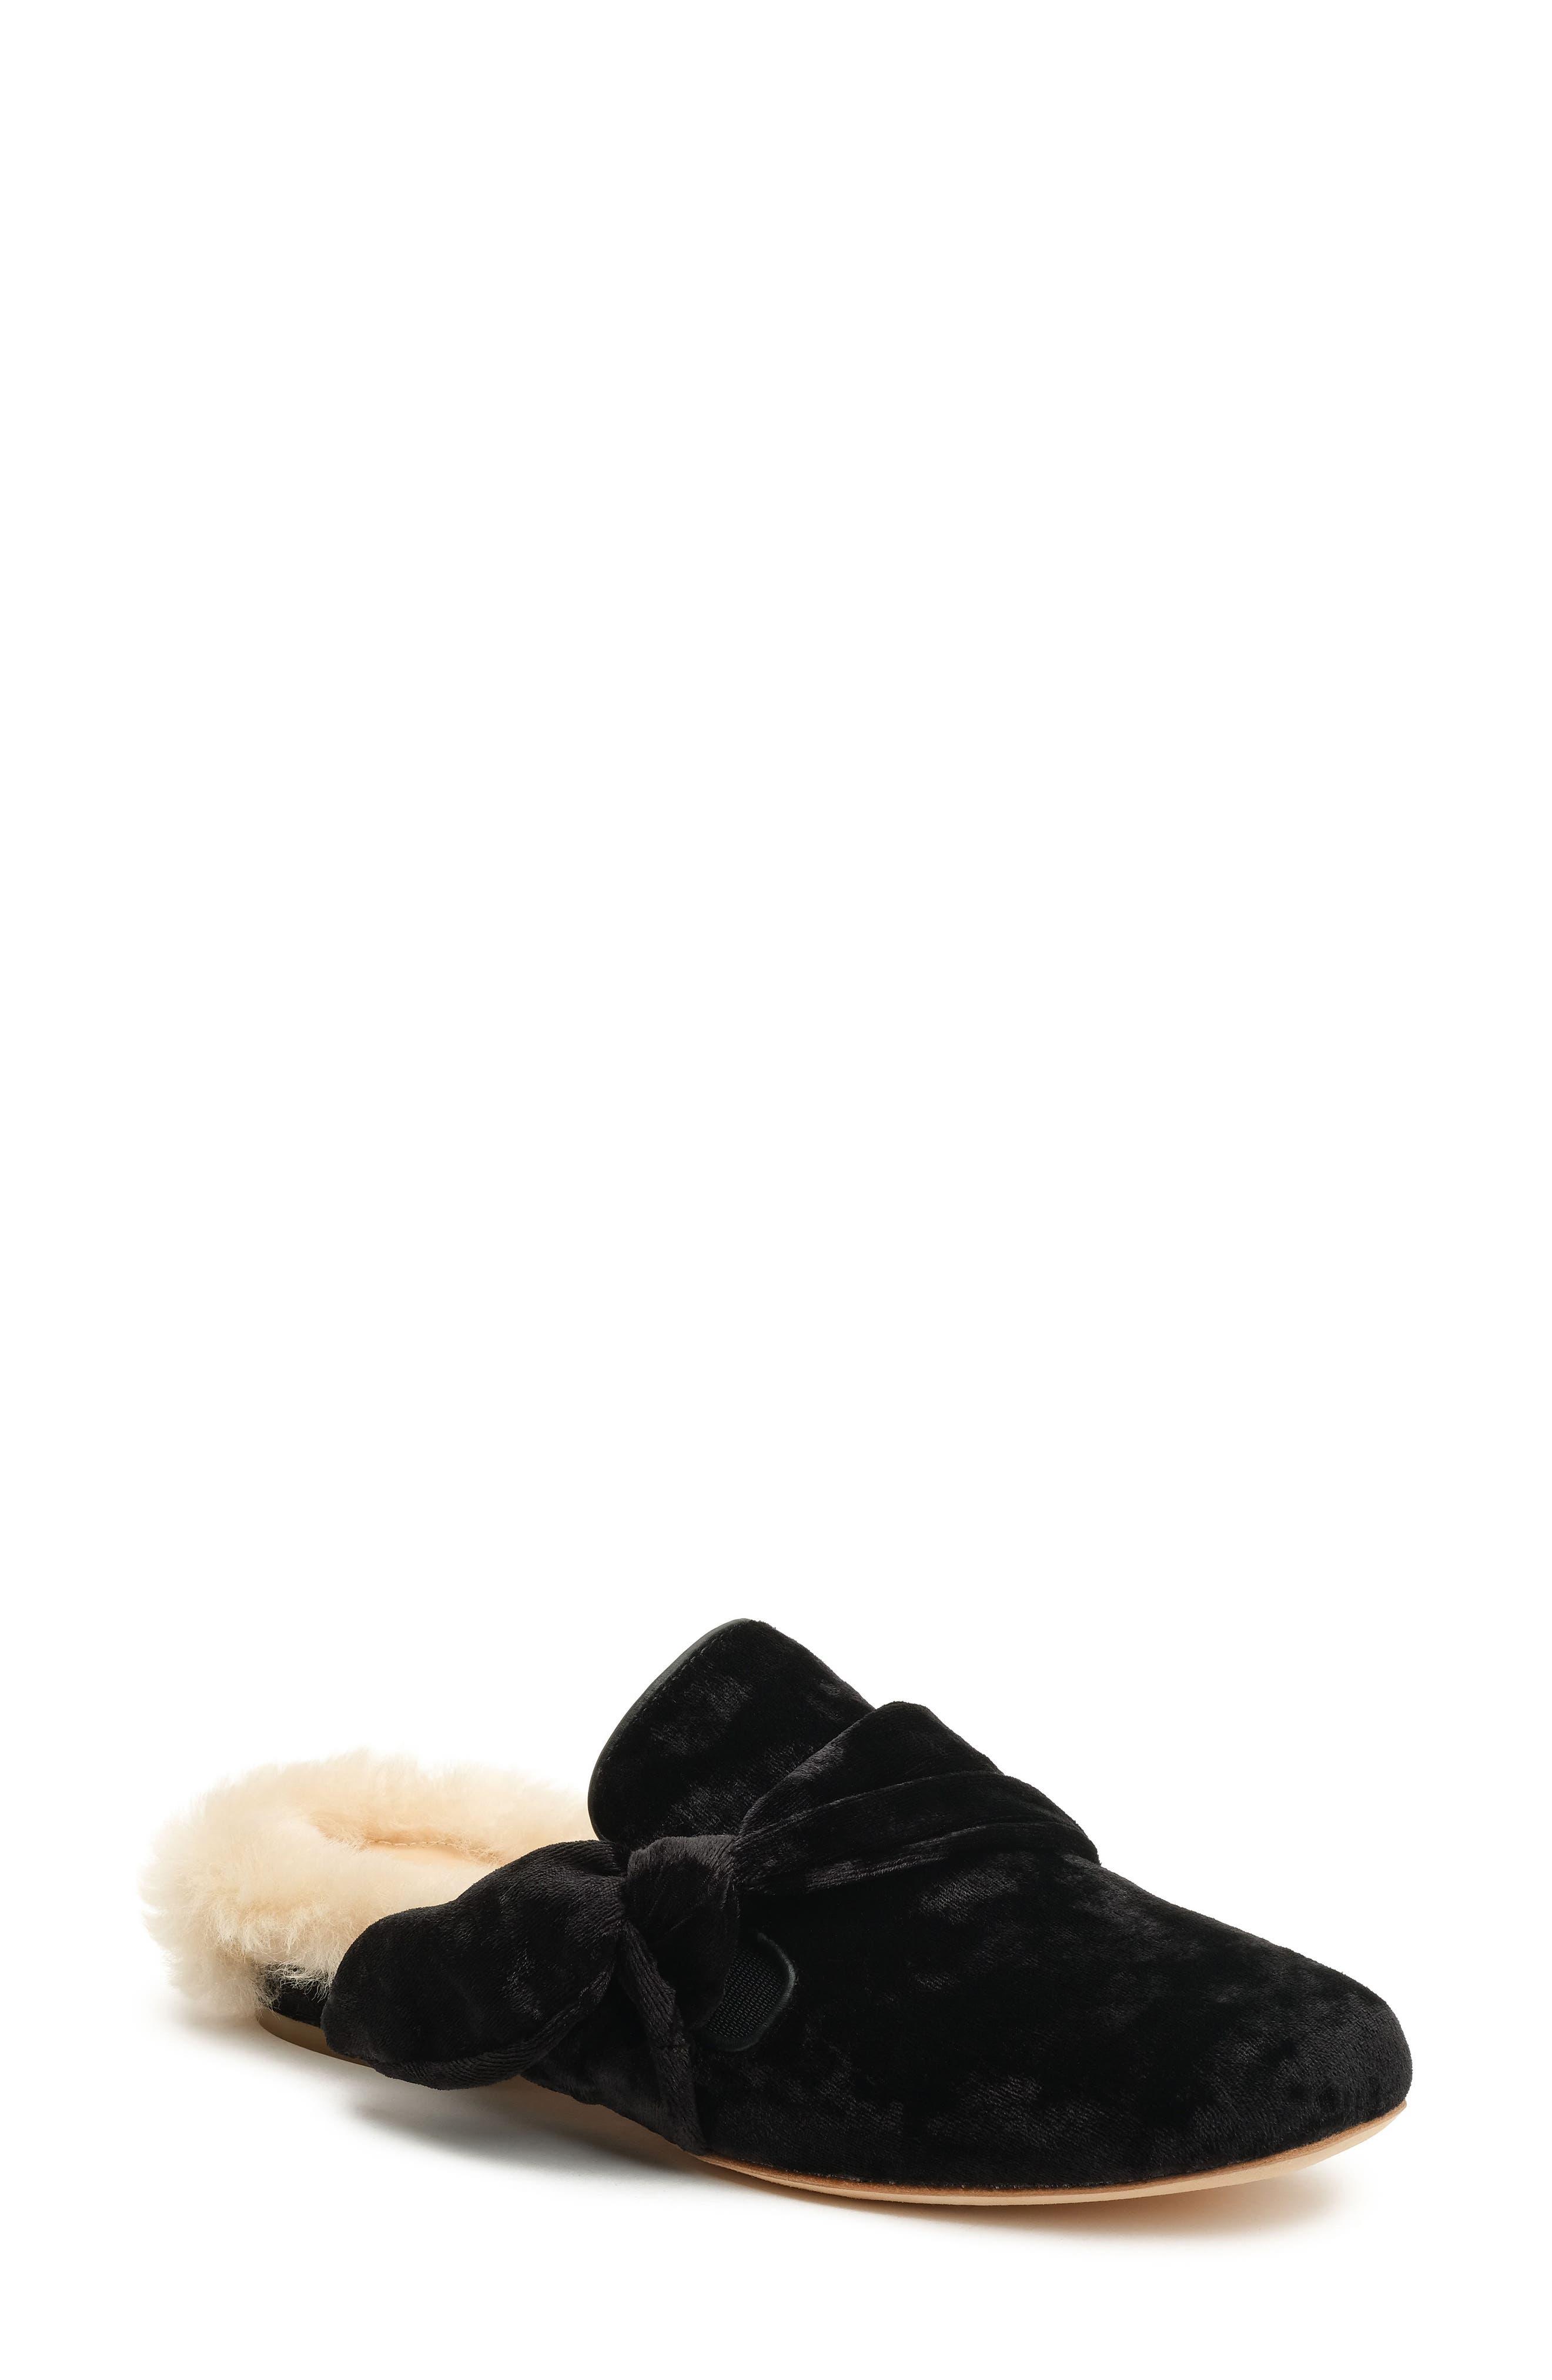 Alternate Image 1 Selected - Bill Blass Laverne Genuine Shearling Lined Velvet Slide (Women)